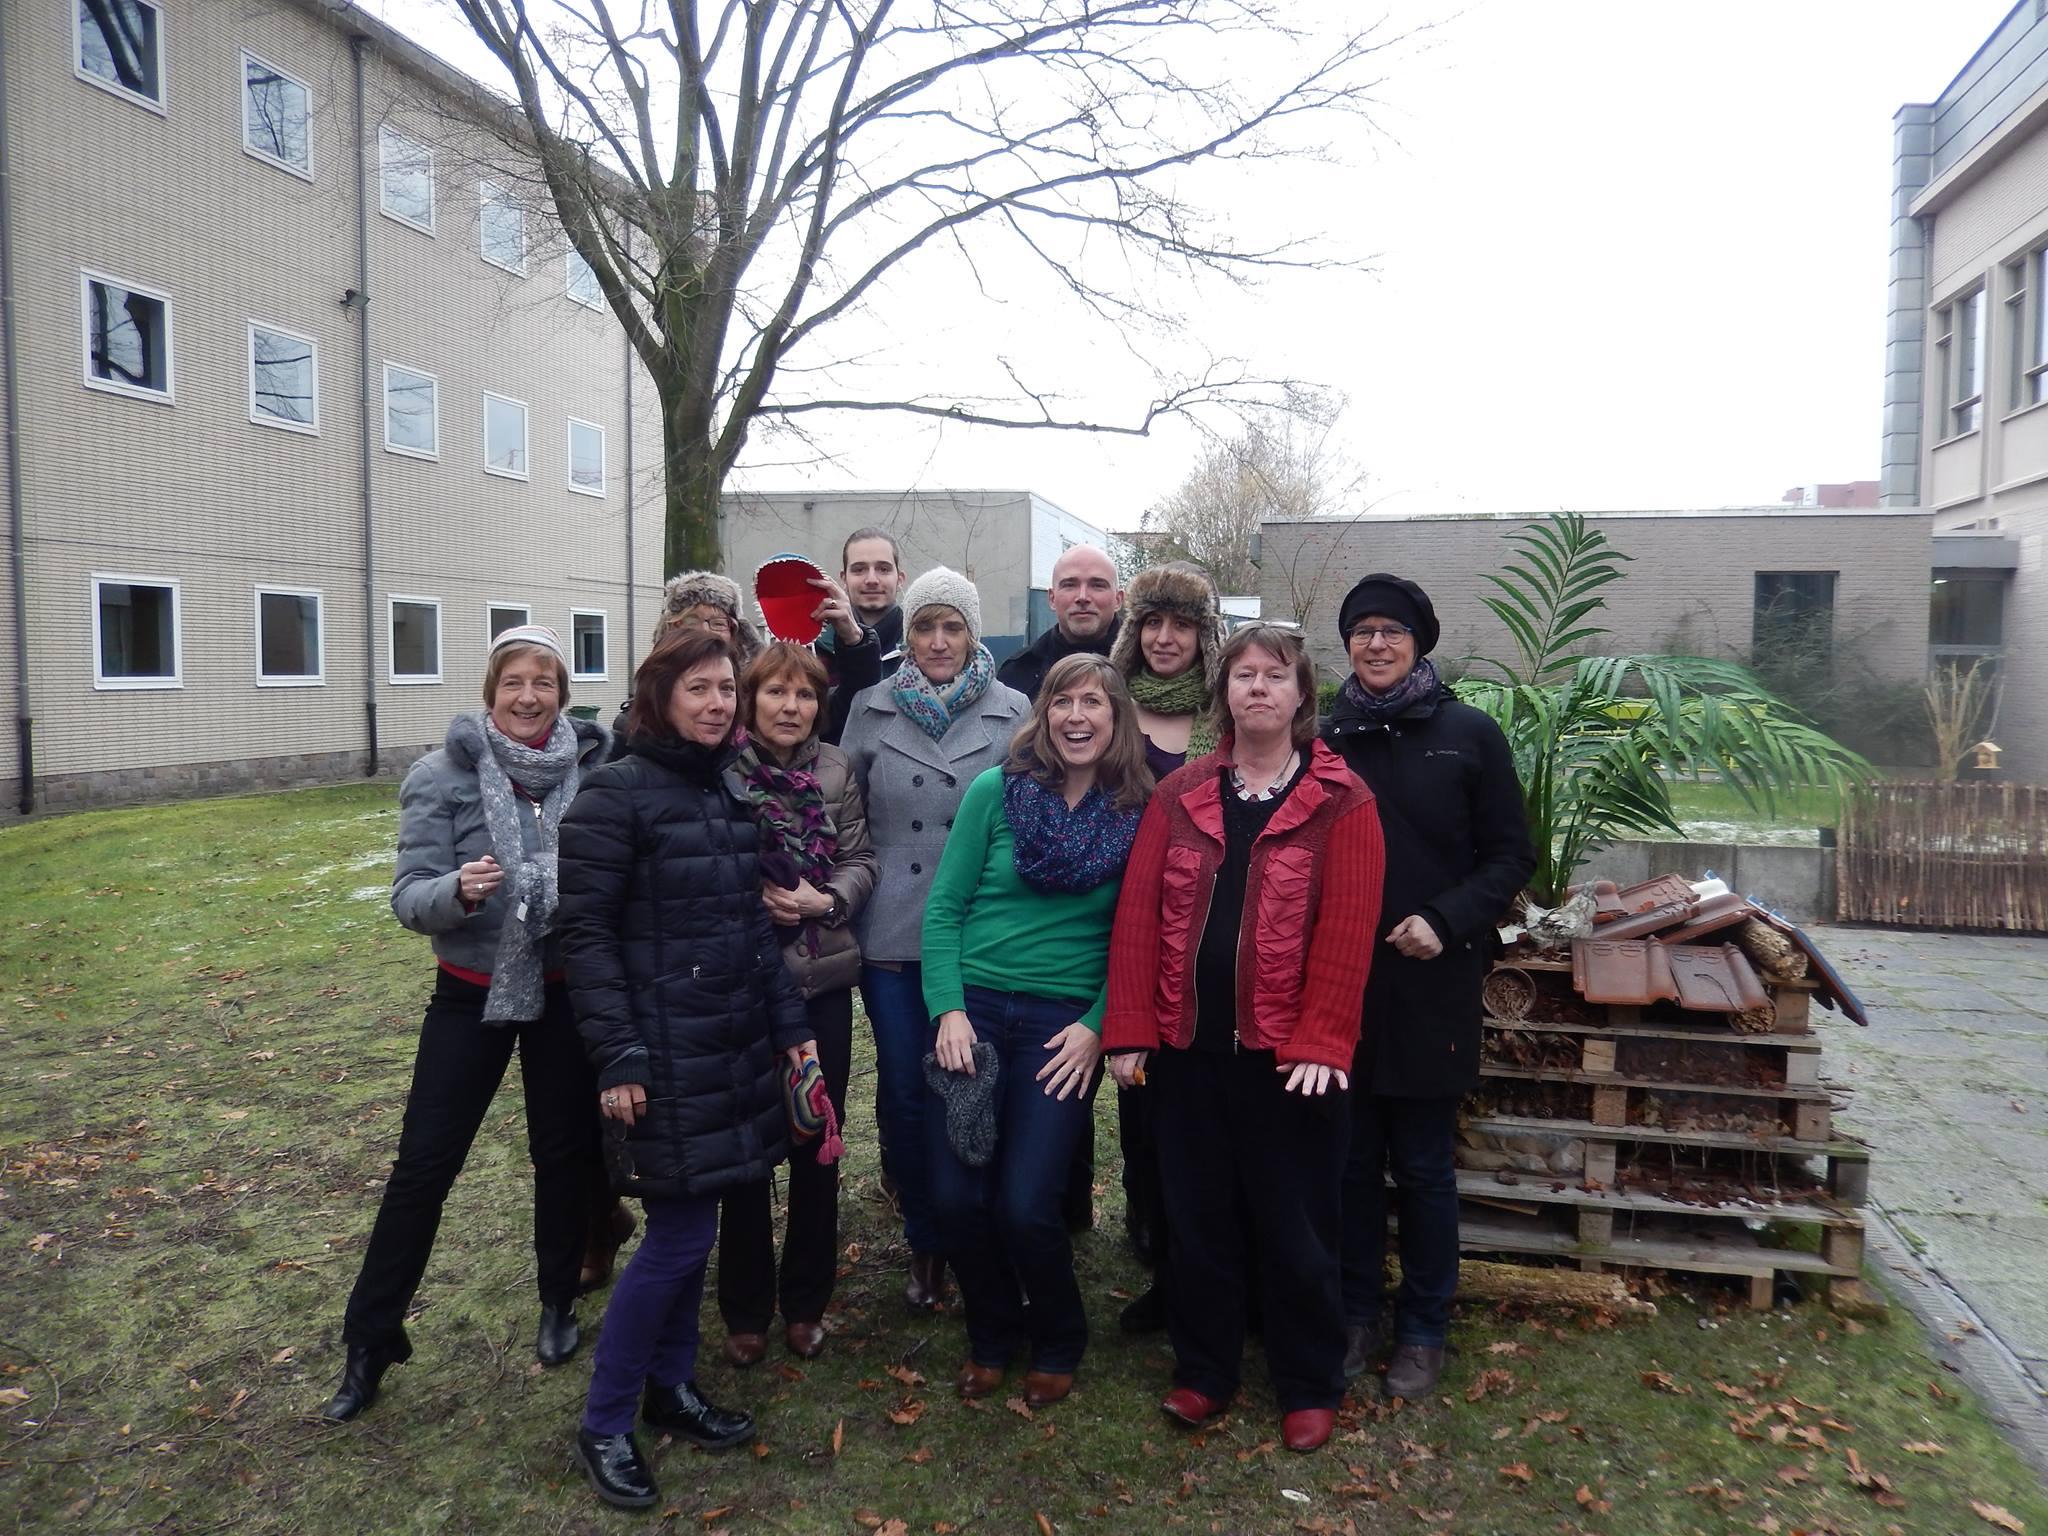 Fata MOSgana week op De Handelsschool Aalst - Mos team foto